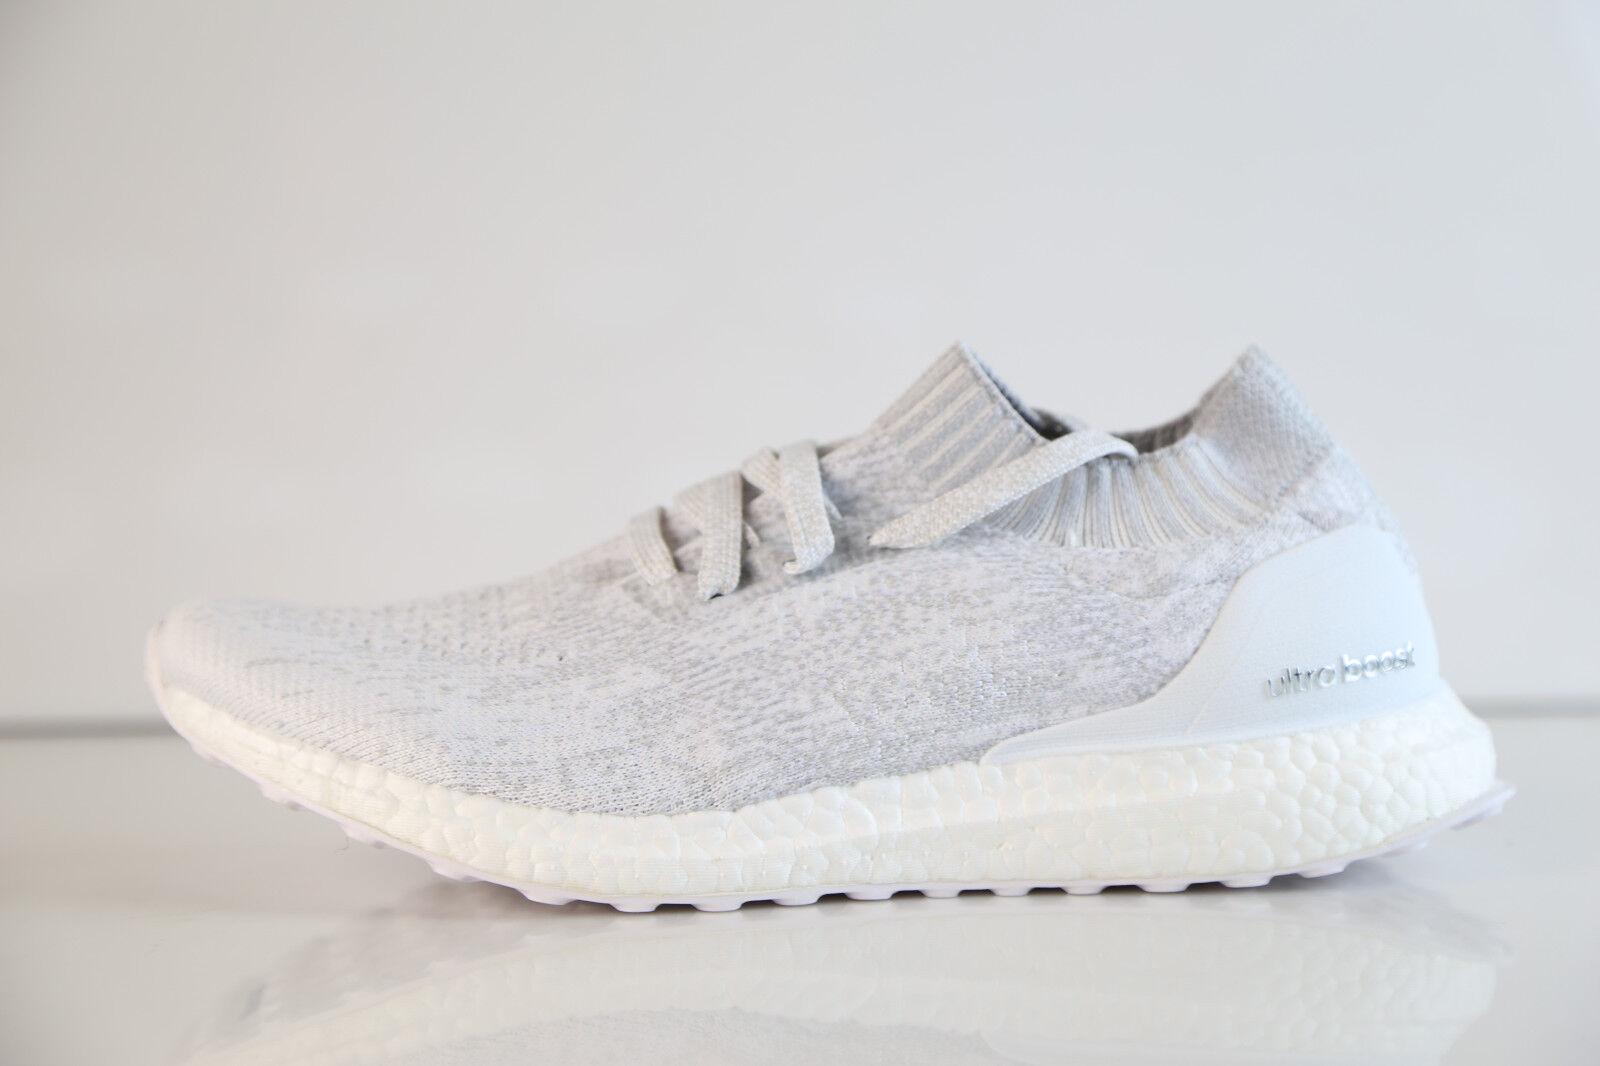 Adidas ultraboost fece uscire by2549 gli 8 e i 13 ultra impulso pk bianco grigio